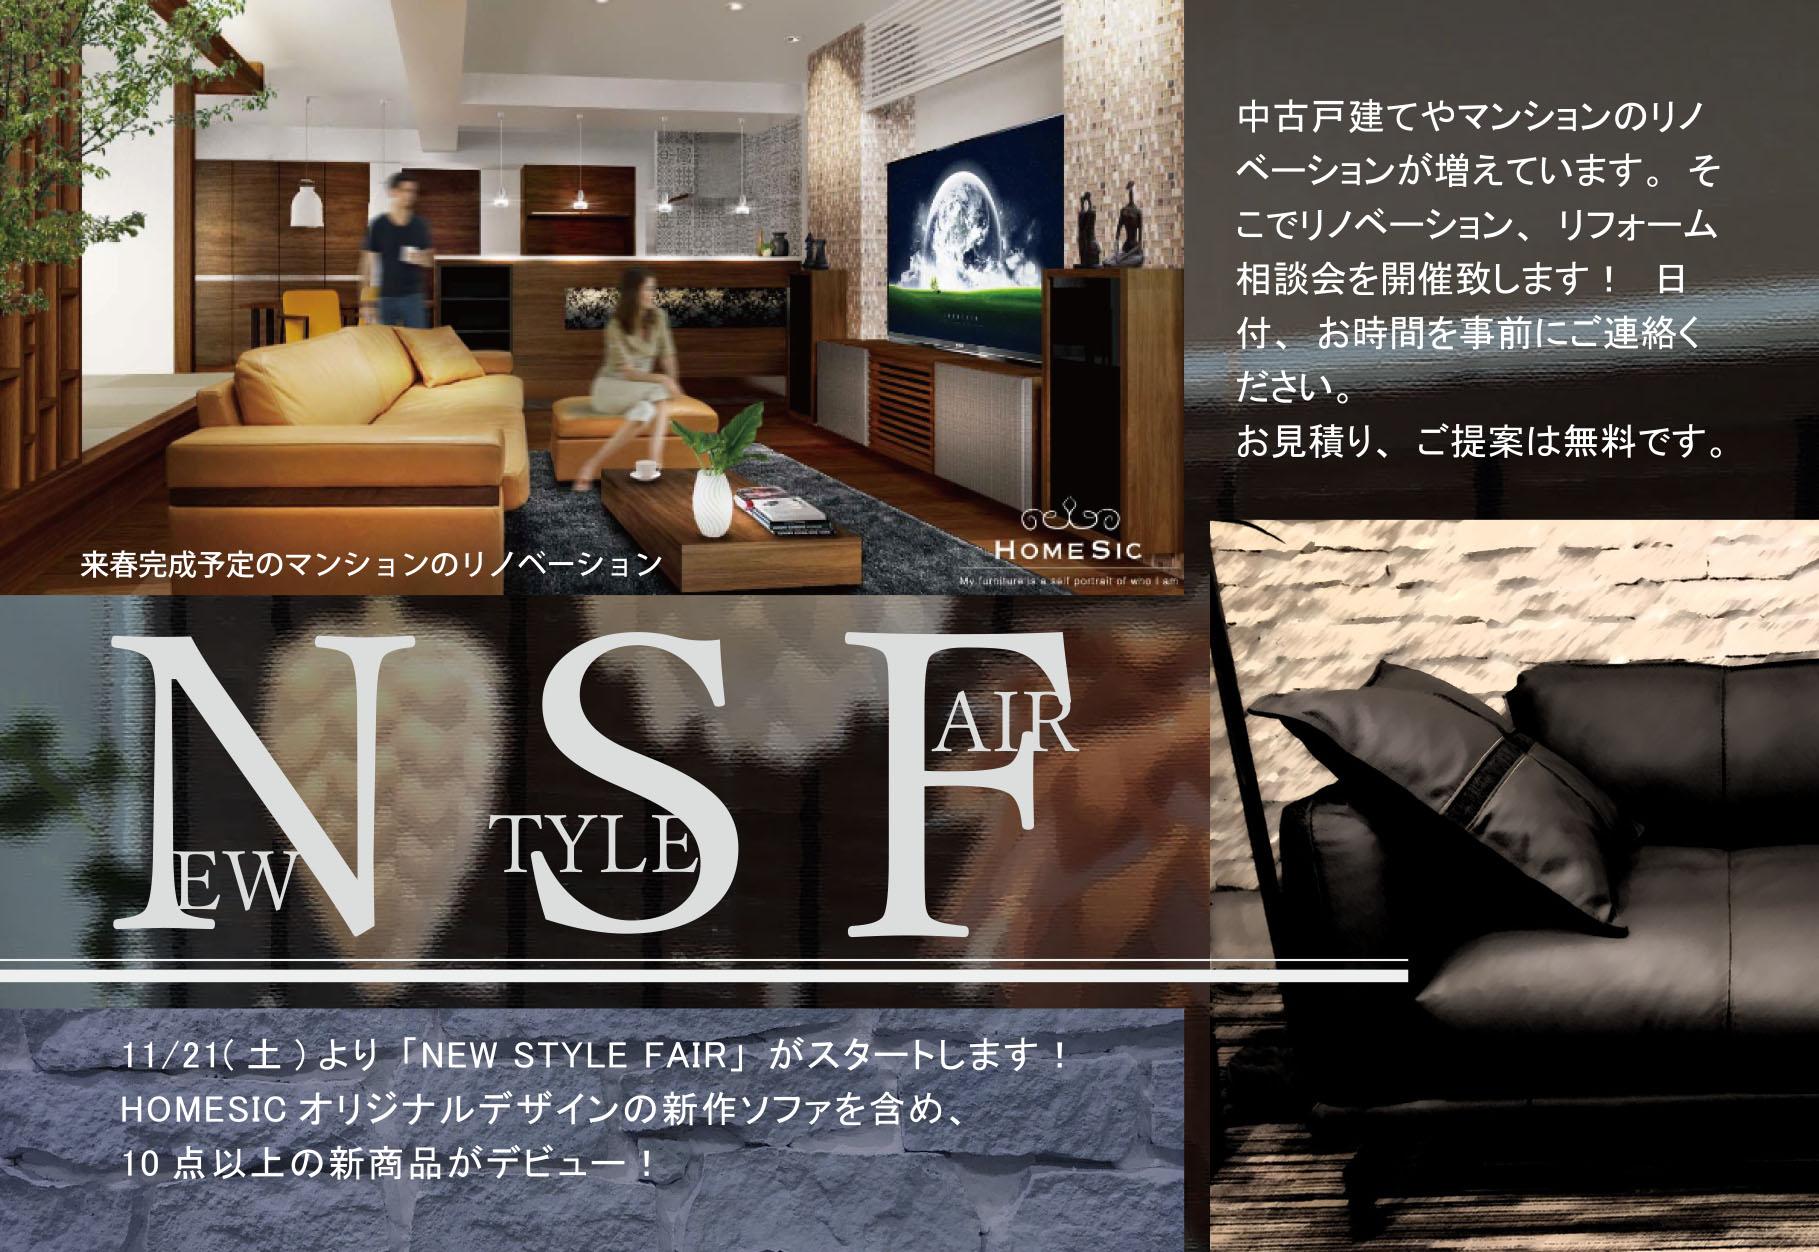 New Style Fair 2015